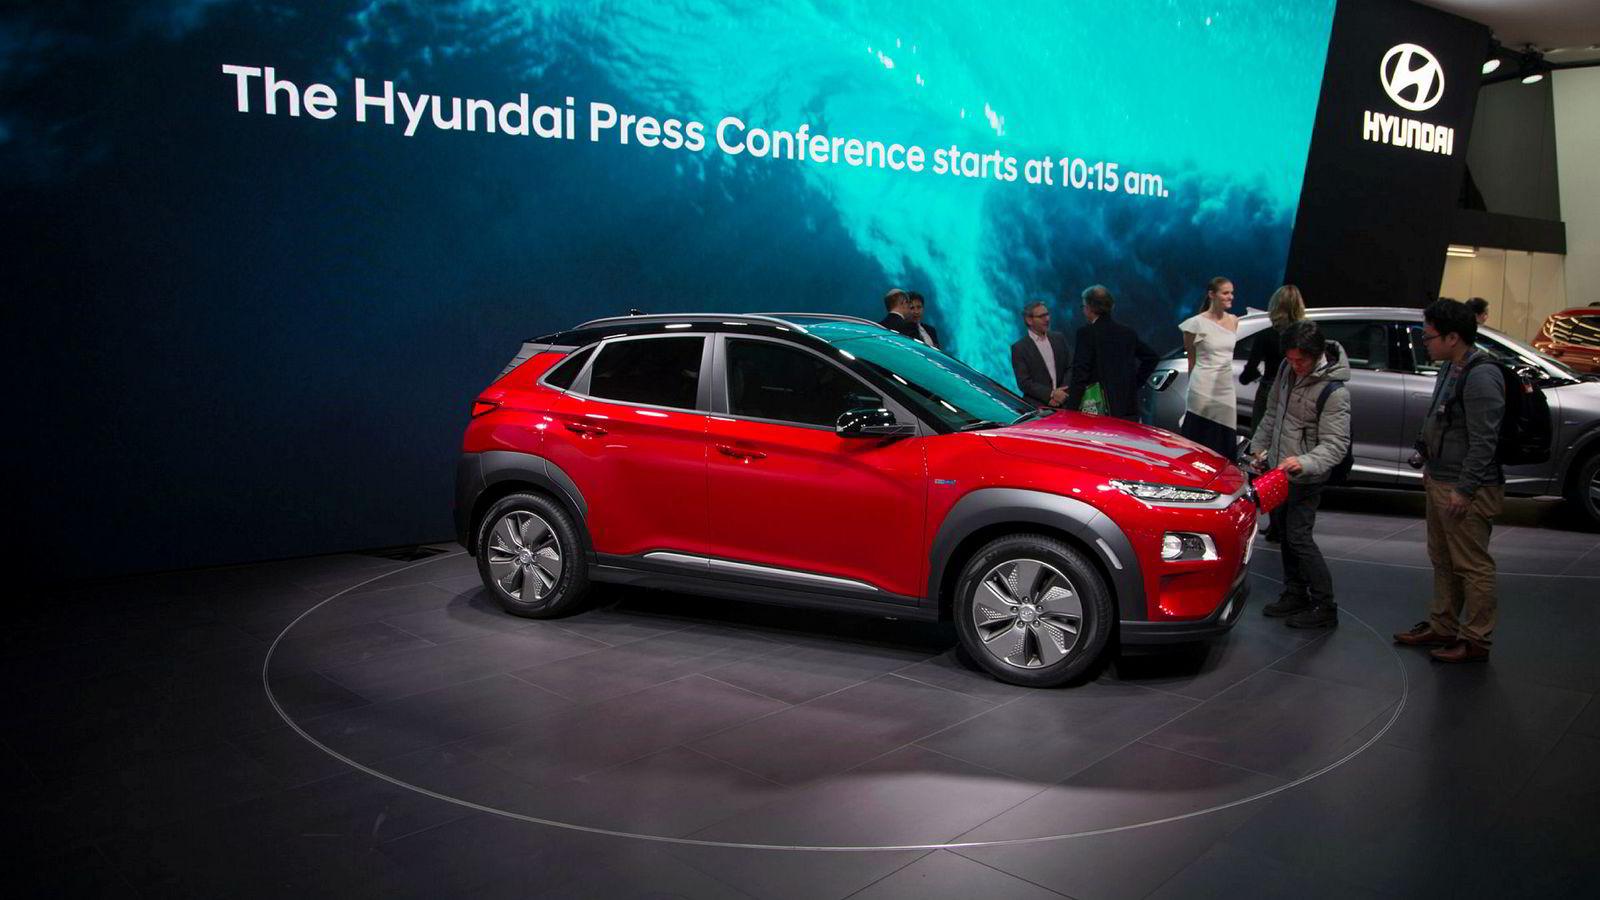 Hyundai Kona er en av elbilene nordmenn har stilt seg i kø for. Bilen, som kommer til Norge i juli, ble presentert på bilmessen i Genève tidligere i år.